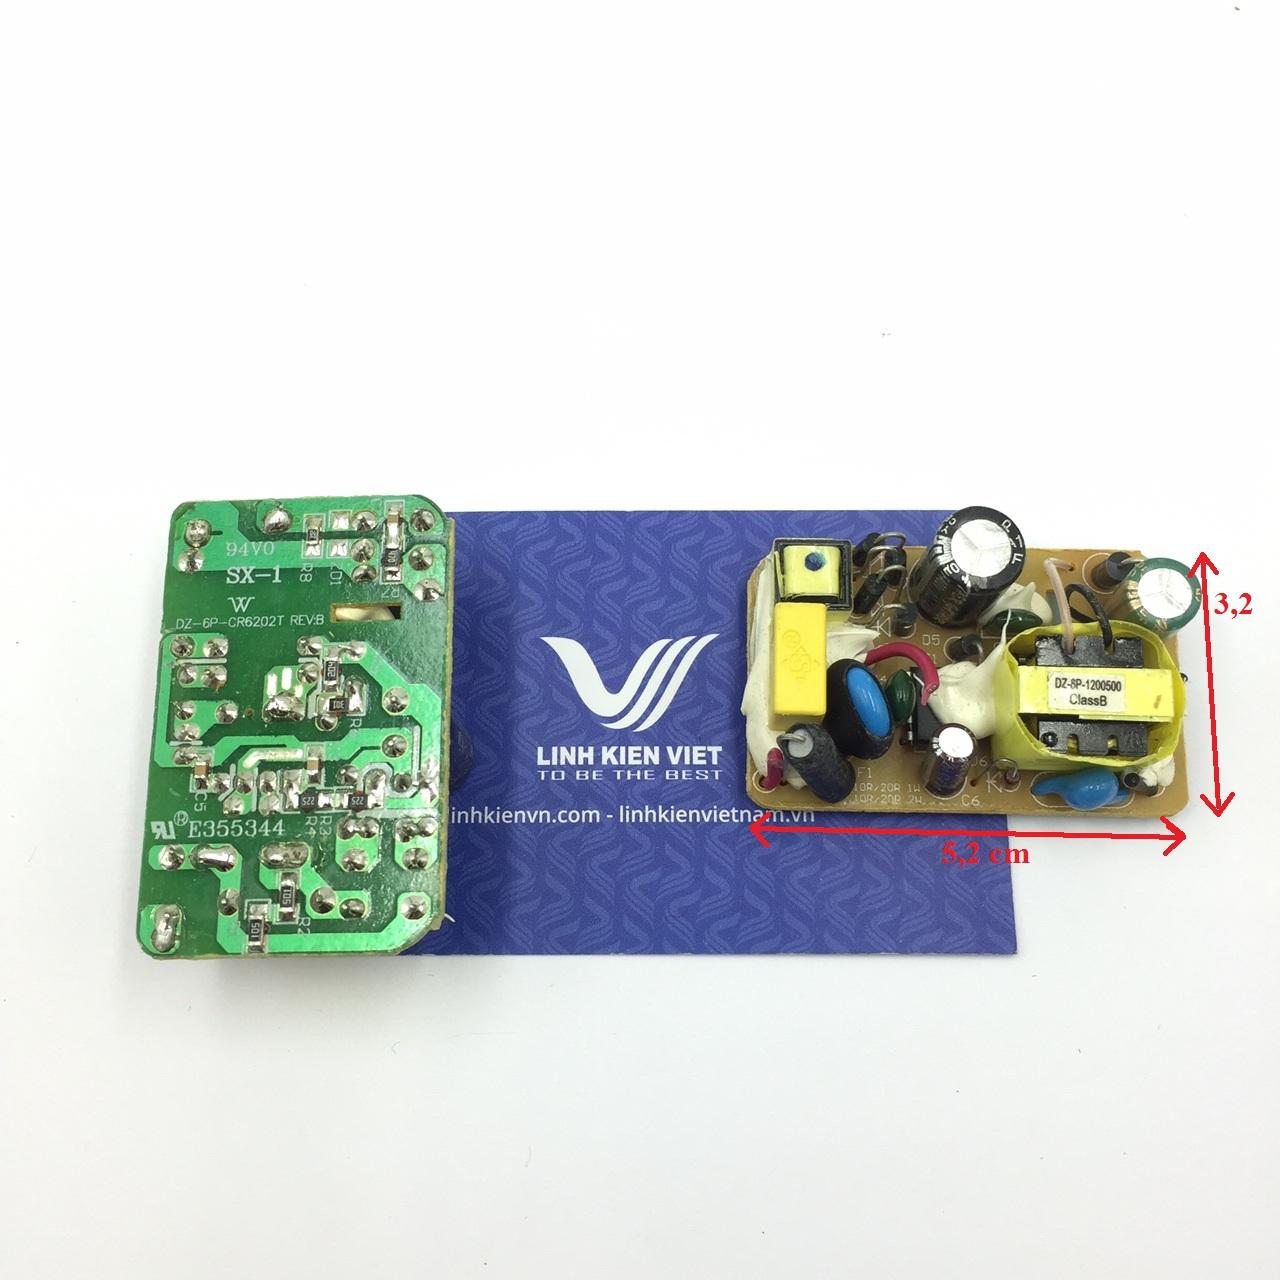 Nguồn adapter 12V 1A 12V1A không vỏ - j5H8 (KA1H2)